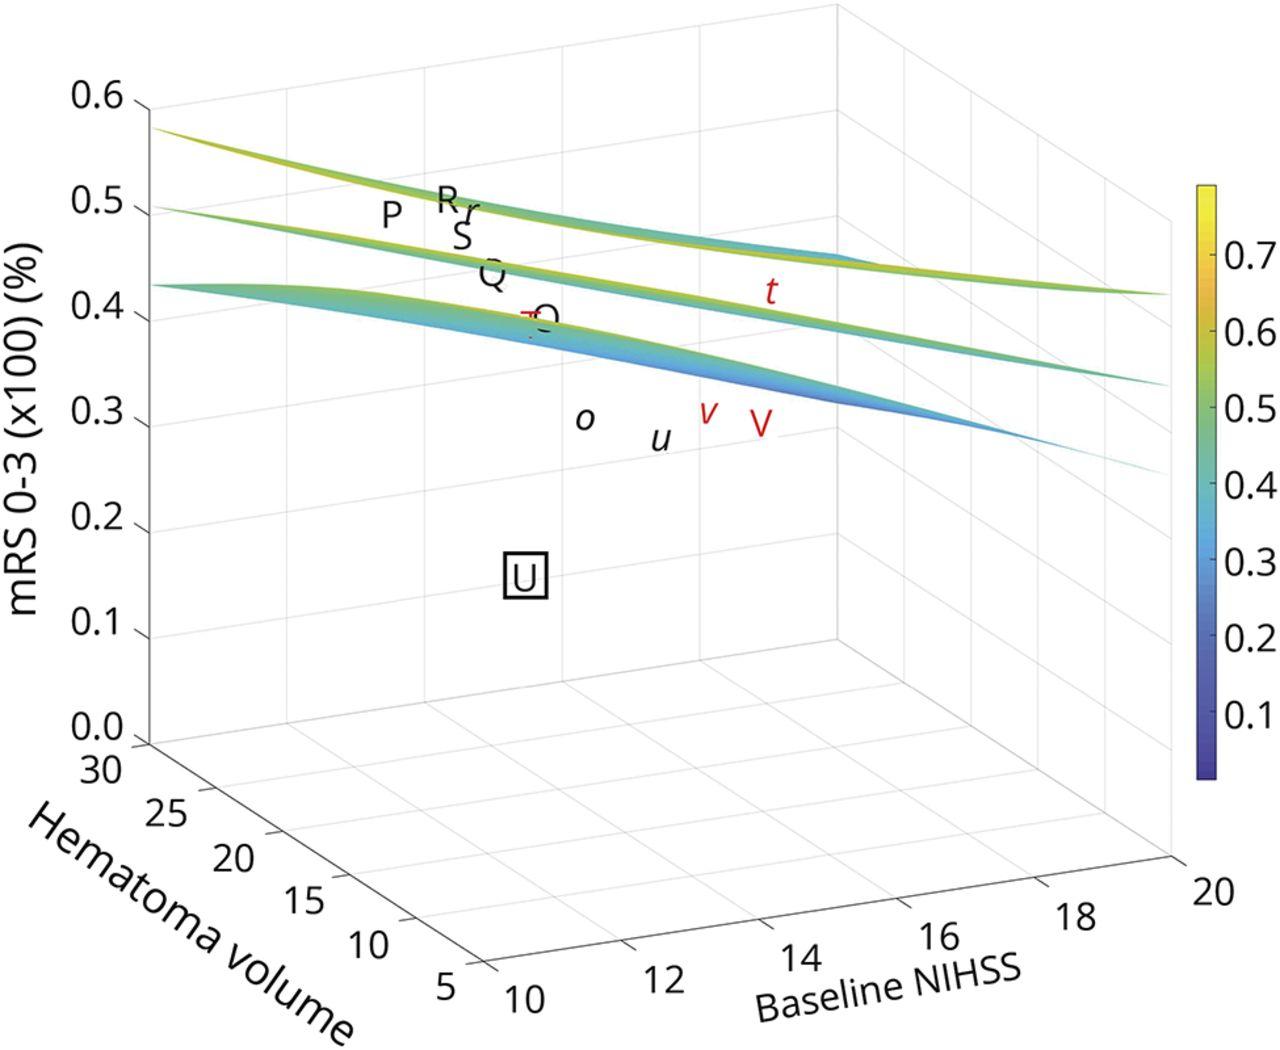 Pooled analysis suggests benefit of catheter-based hematoma